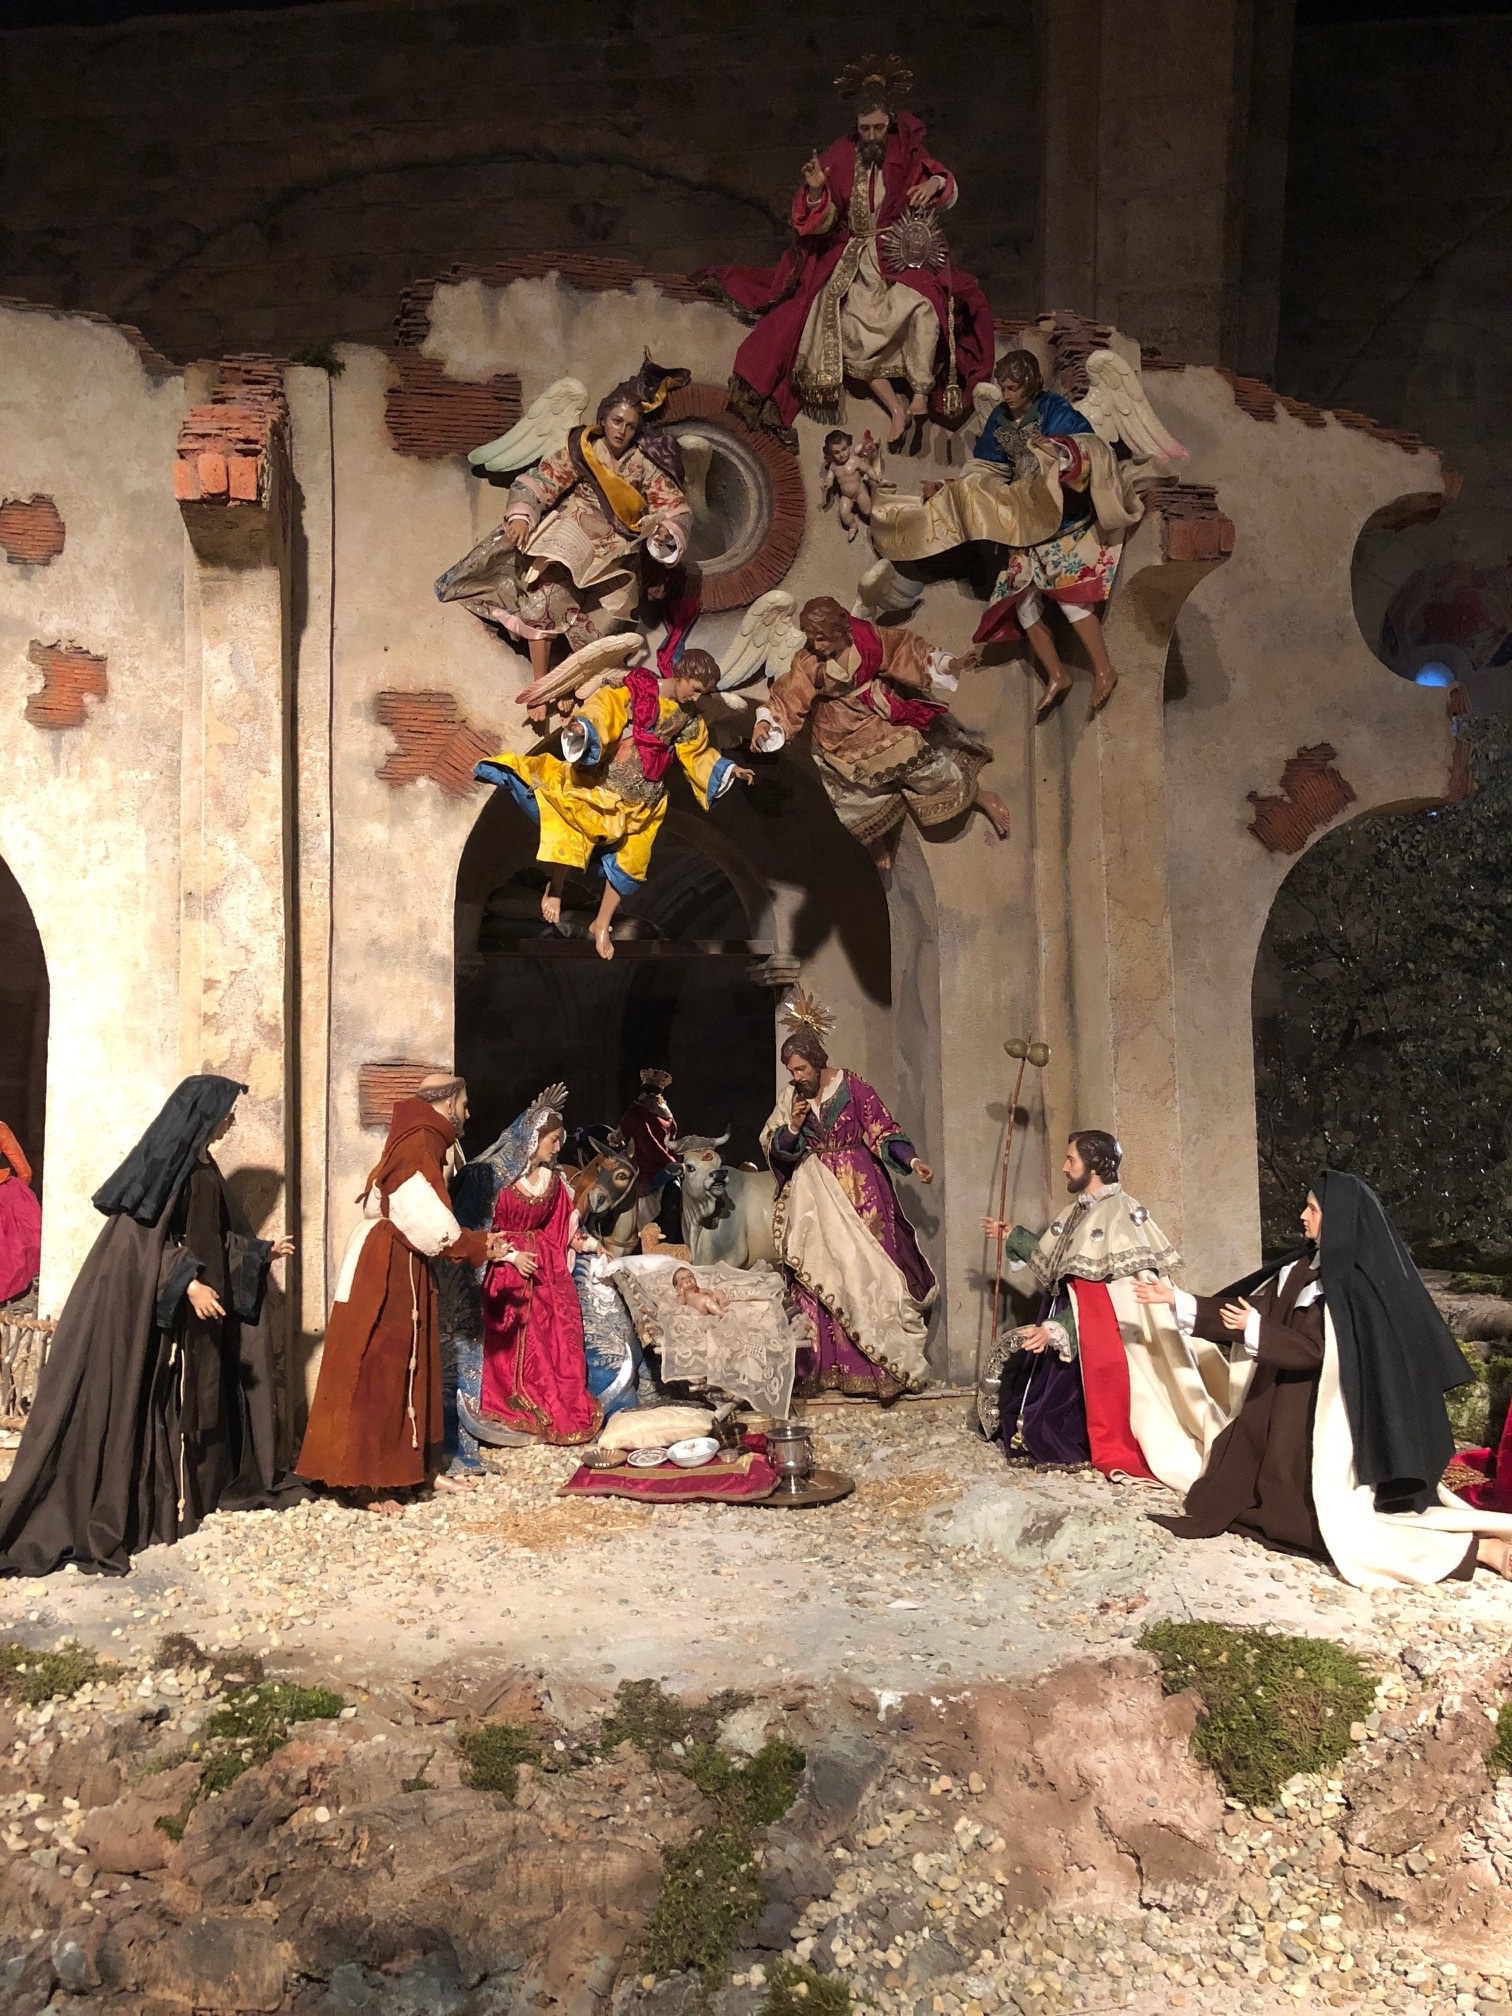 The manger